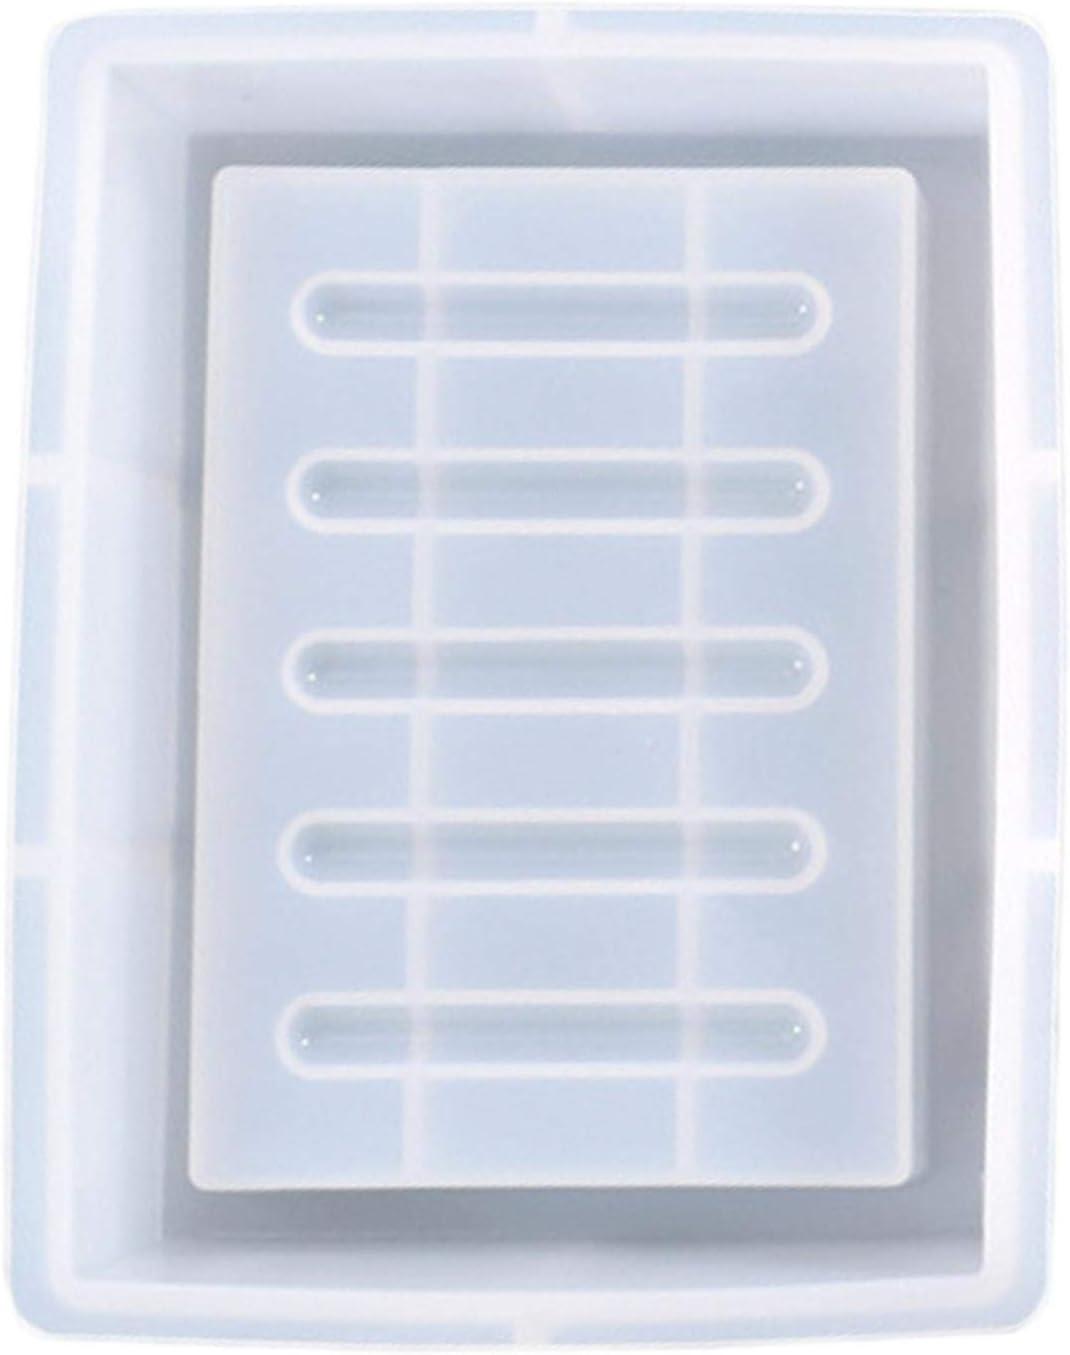 Translucide Hamaio Moulle Silicone Resine Epoxy pour Resine Moule en R/ésine pour Plateau De Bricolage Porte-Savon en Silicone Artisanat Faire DIY 13,2 X 10,2 X 3,2 cm